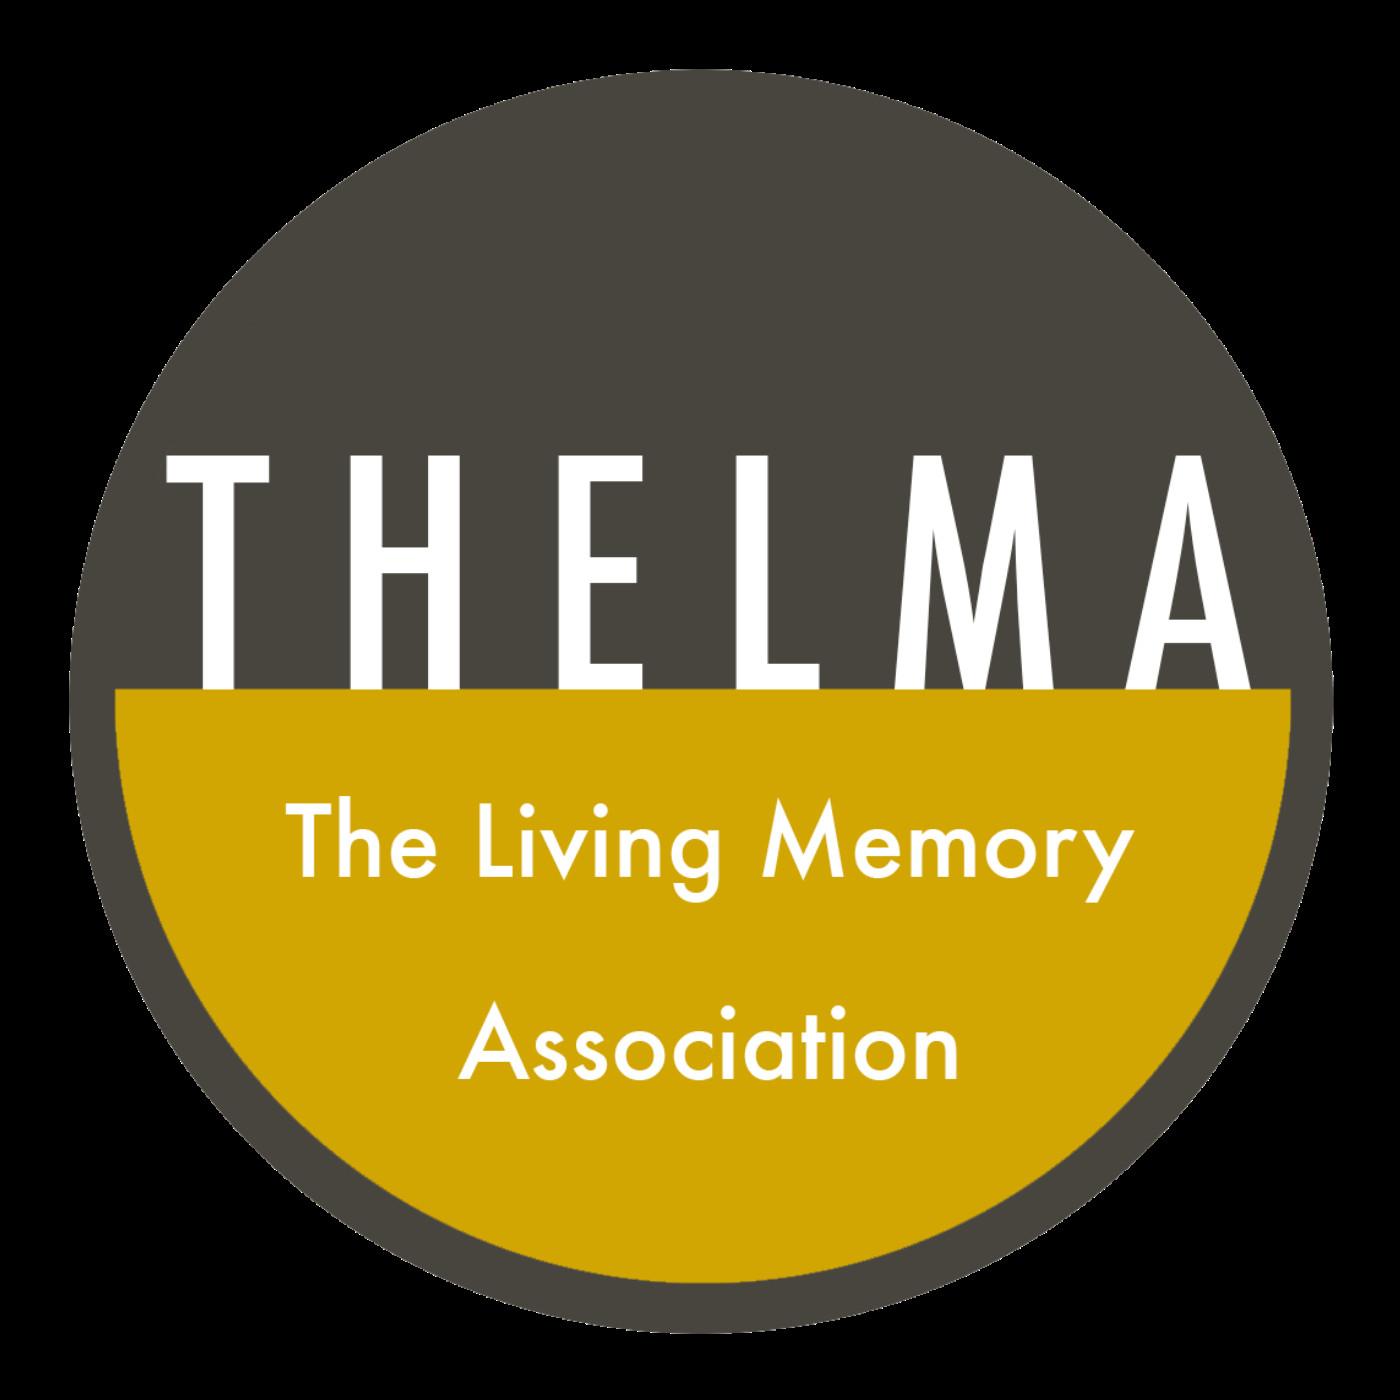 The Living Memory Association